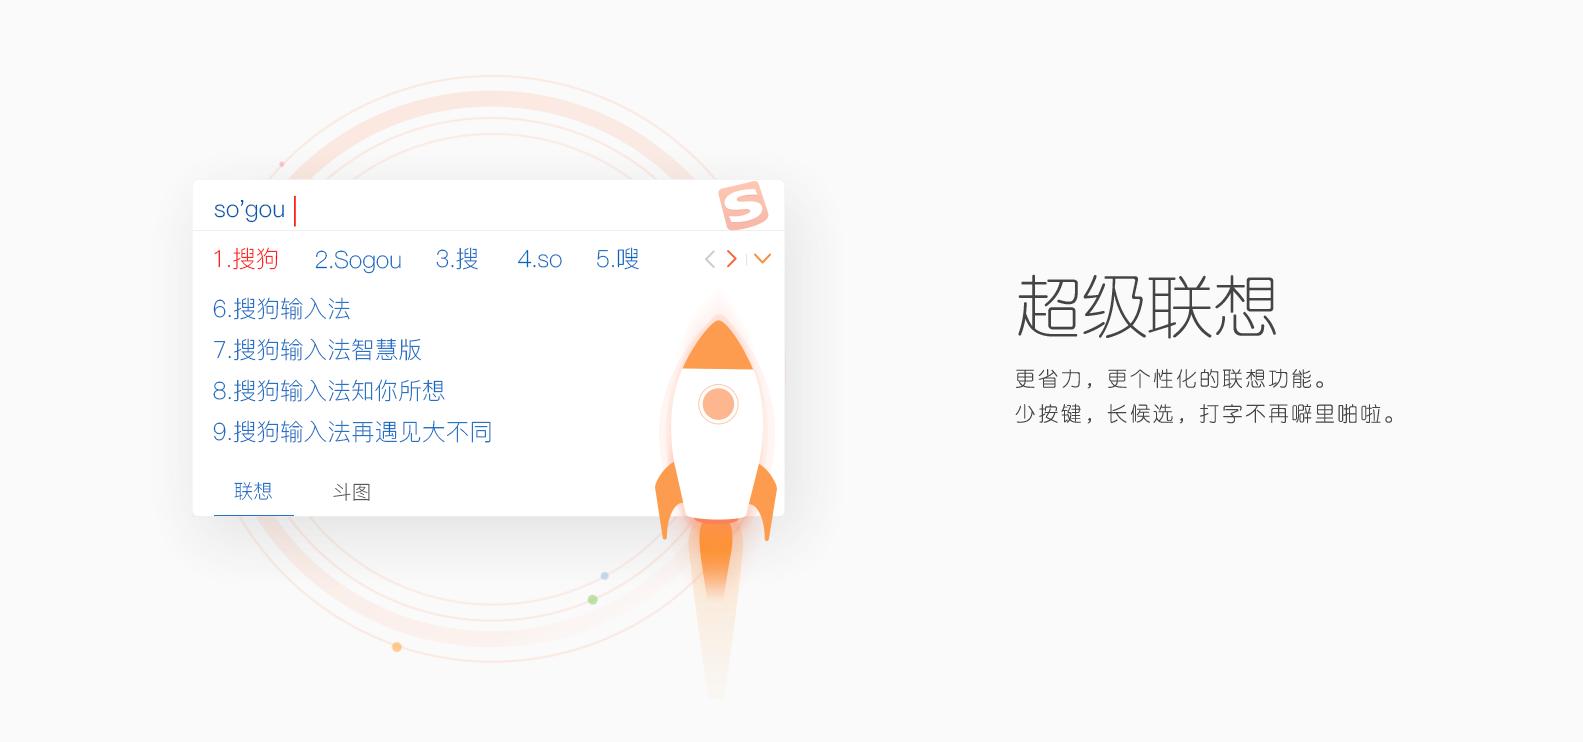 搜狗输入法智慧版3.0 去广告优化版 软件下载 第1张